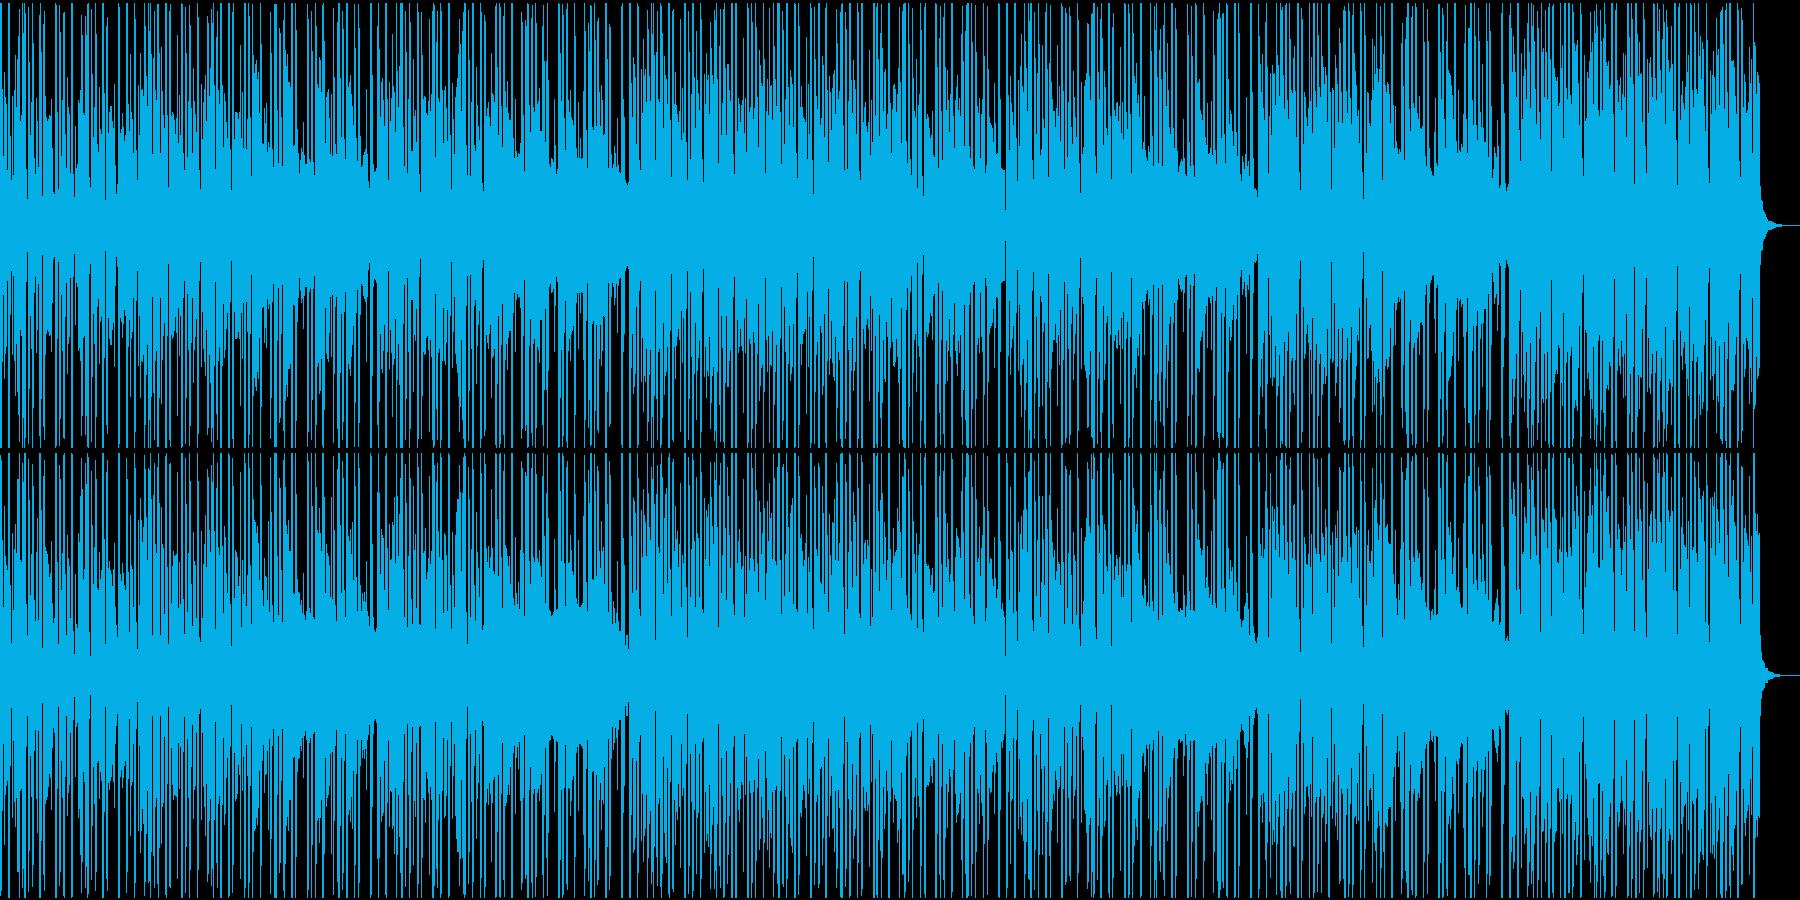 特にローファイ感の強いHiphopの再生済みの波形